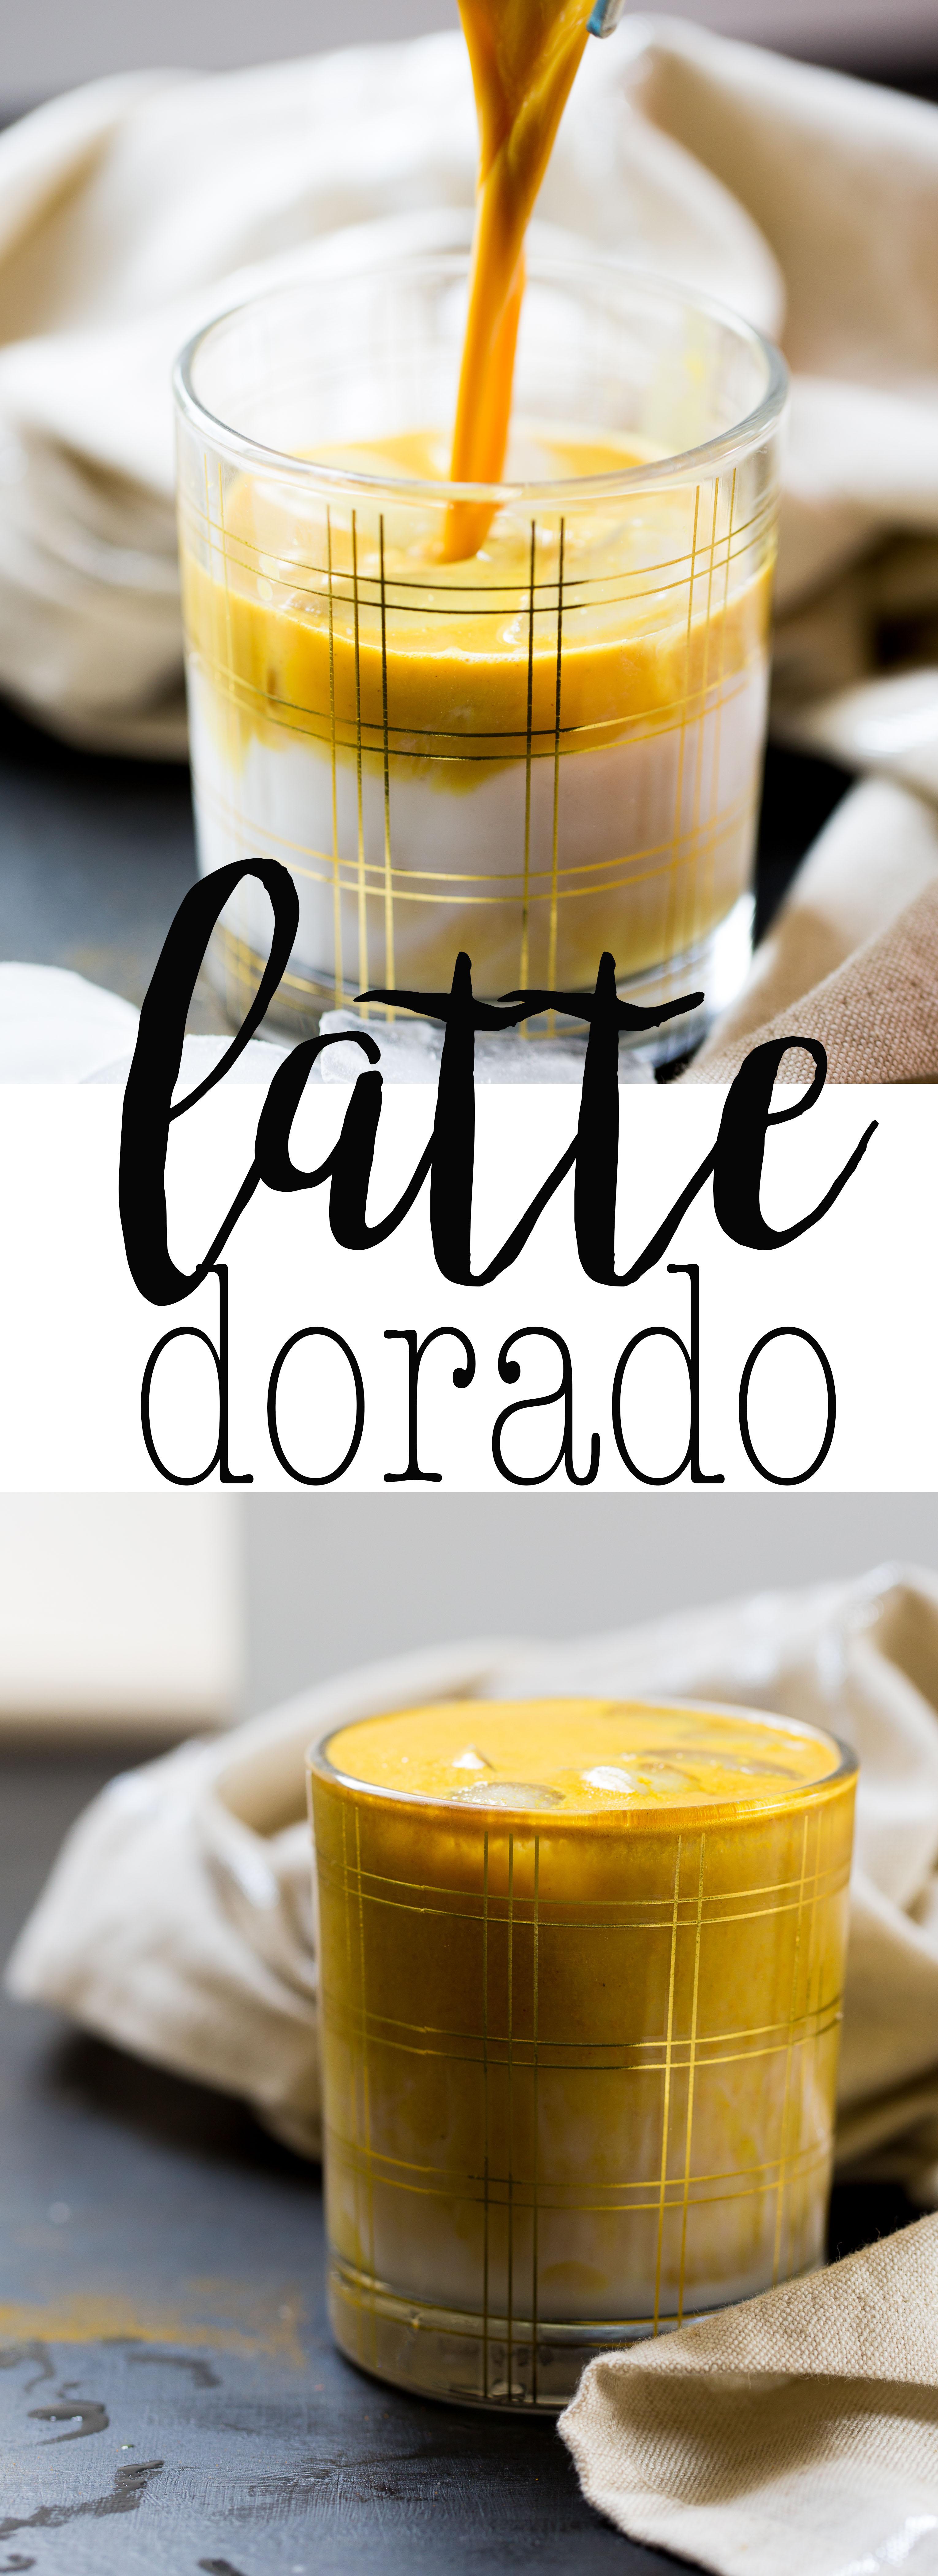 Receta de latte dorado, cafe con turmeric, curcuma, y otros super alimentos.